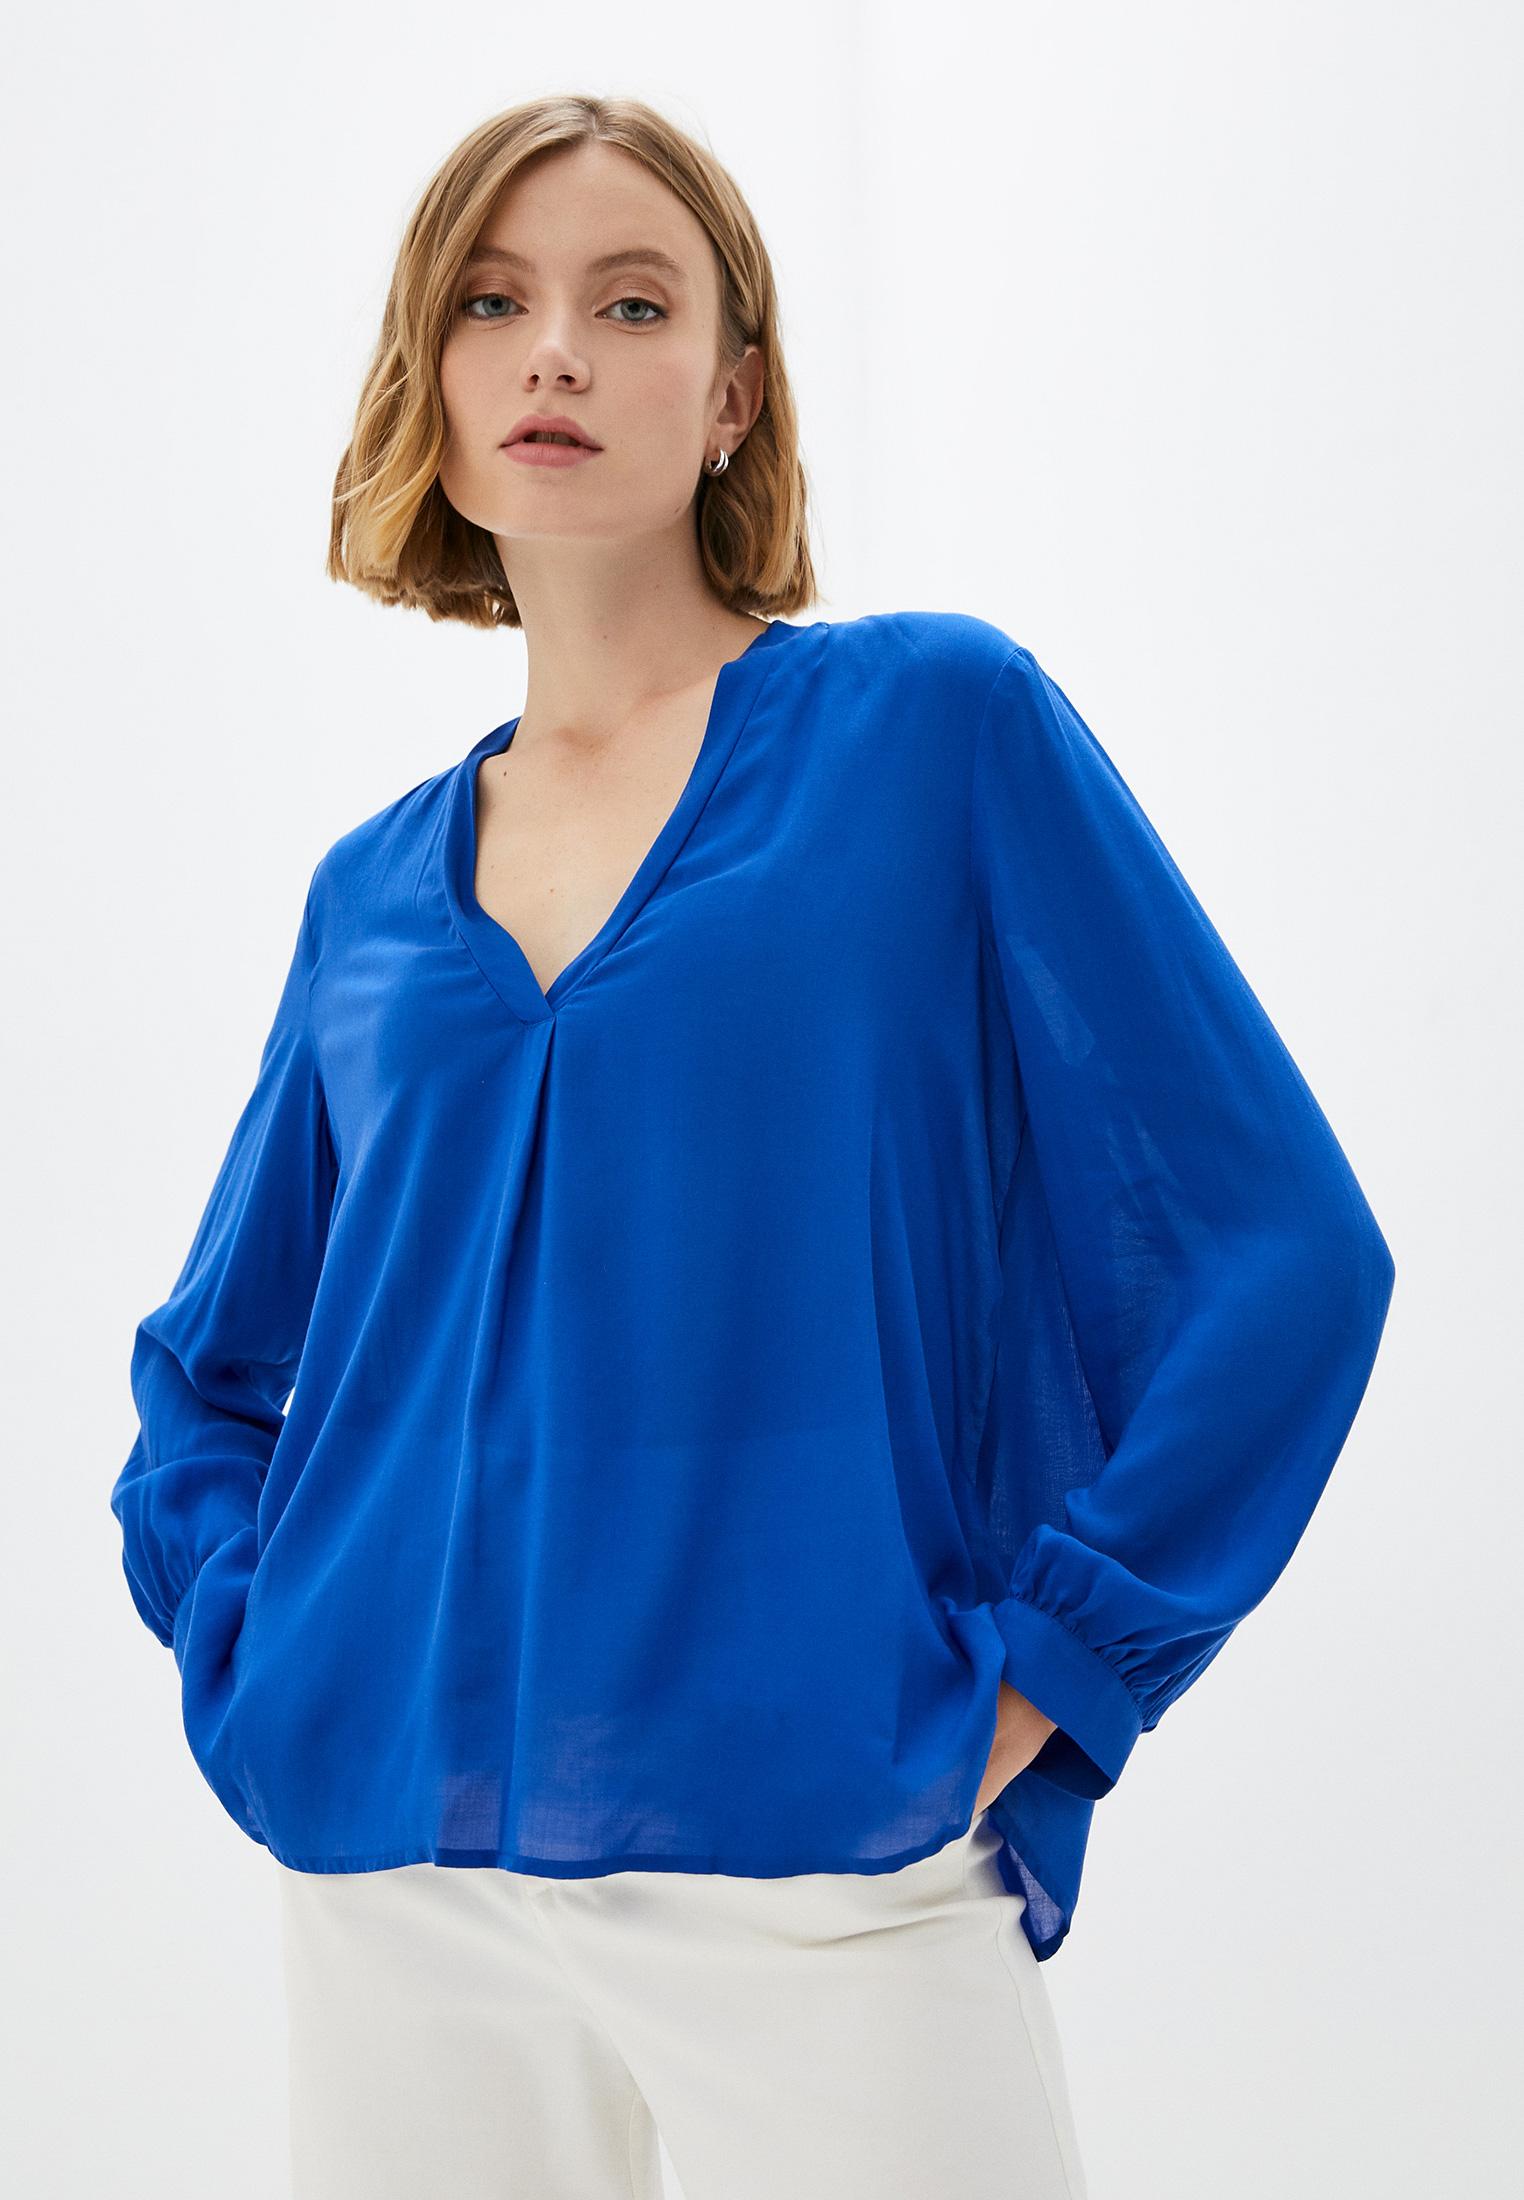 Блуза United Colors of Benetton (Юнайтед Колорс оф Бенеттон) Блуза United Colors of Benetton